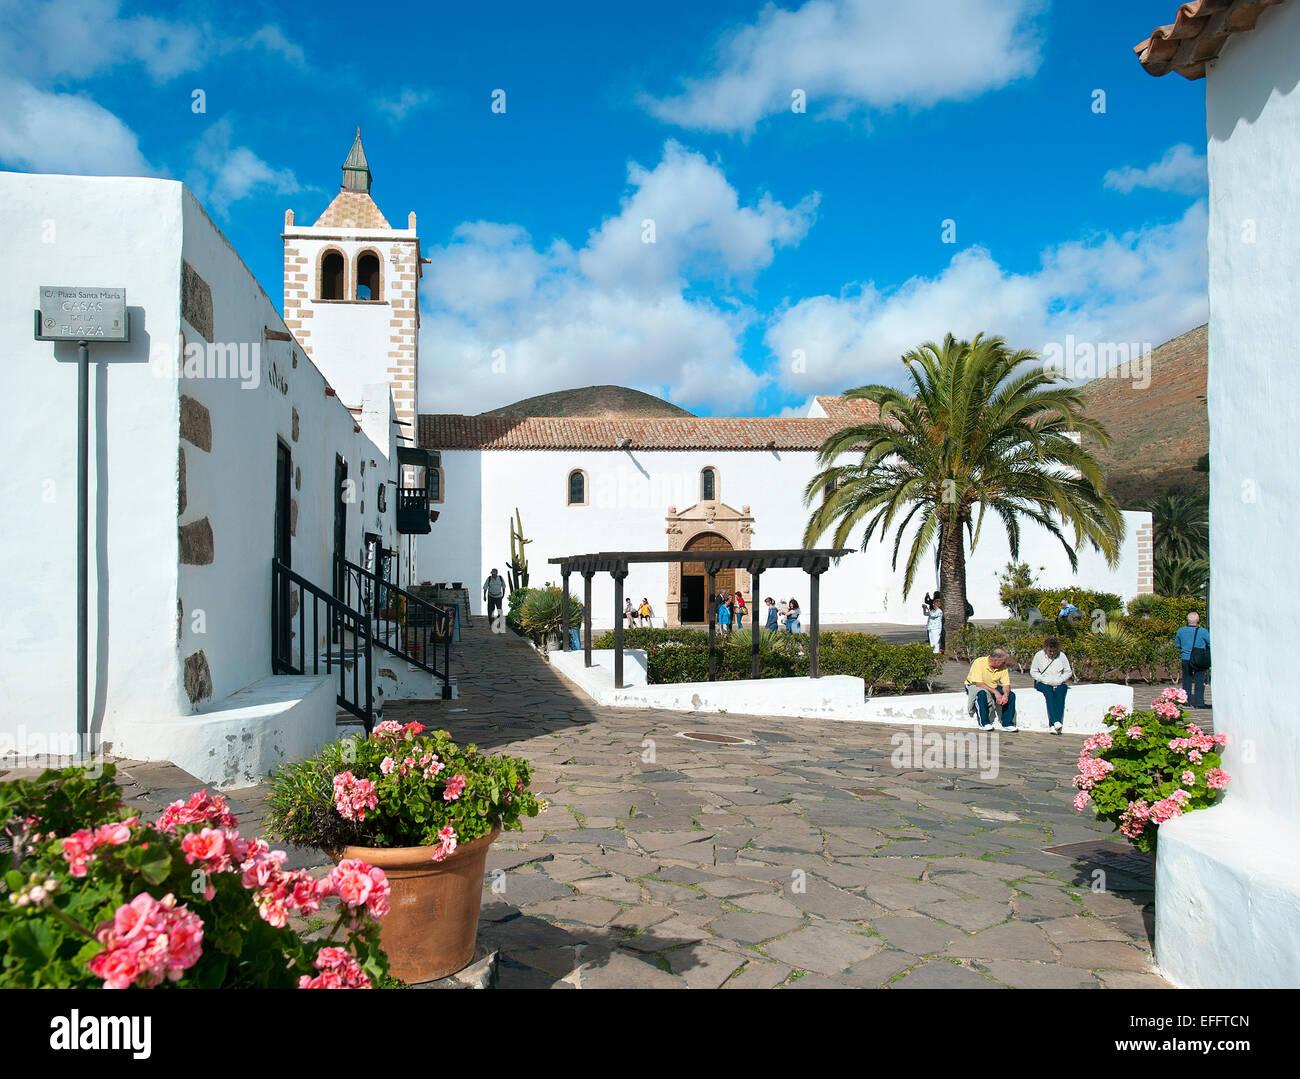 Kirche in Hauptplatz, Betancuria, Fuerteventura, Kanarische Inseln, Spanien Stockbild